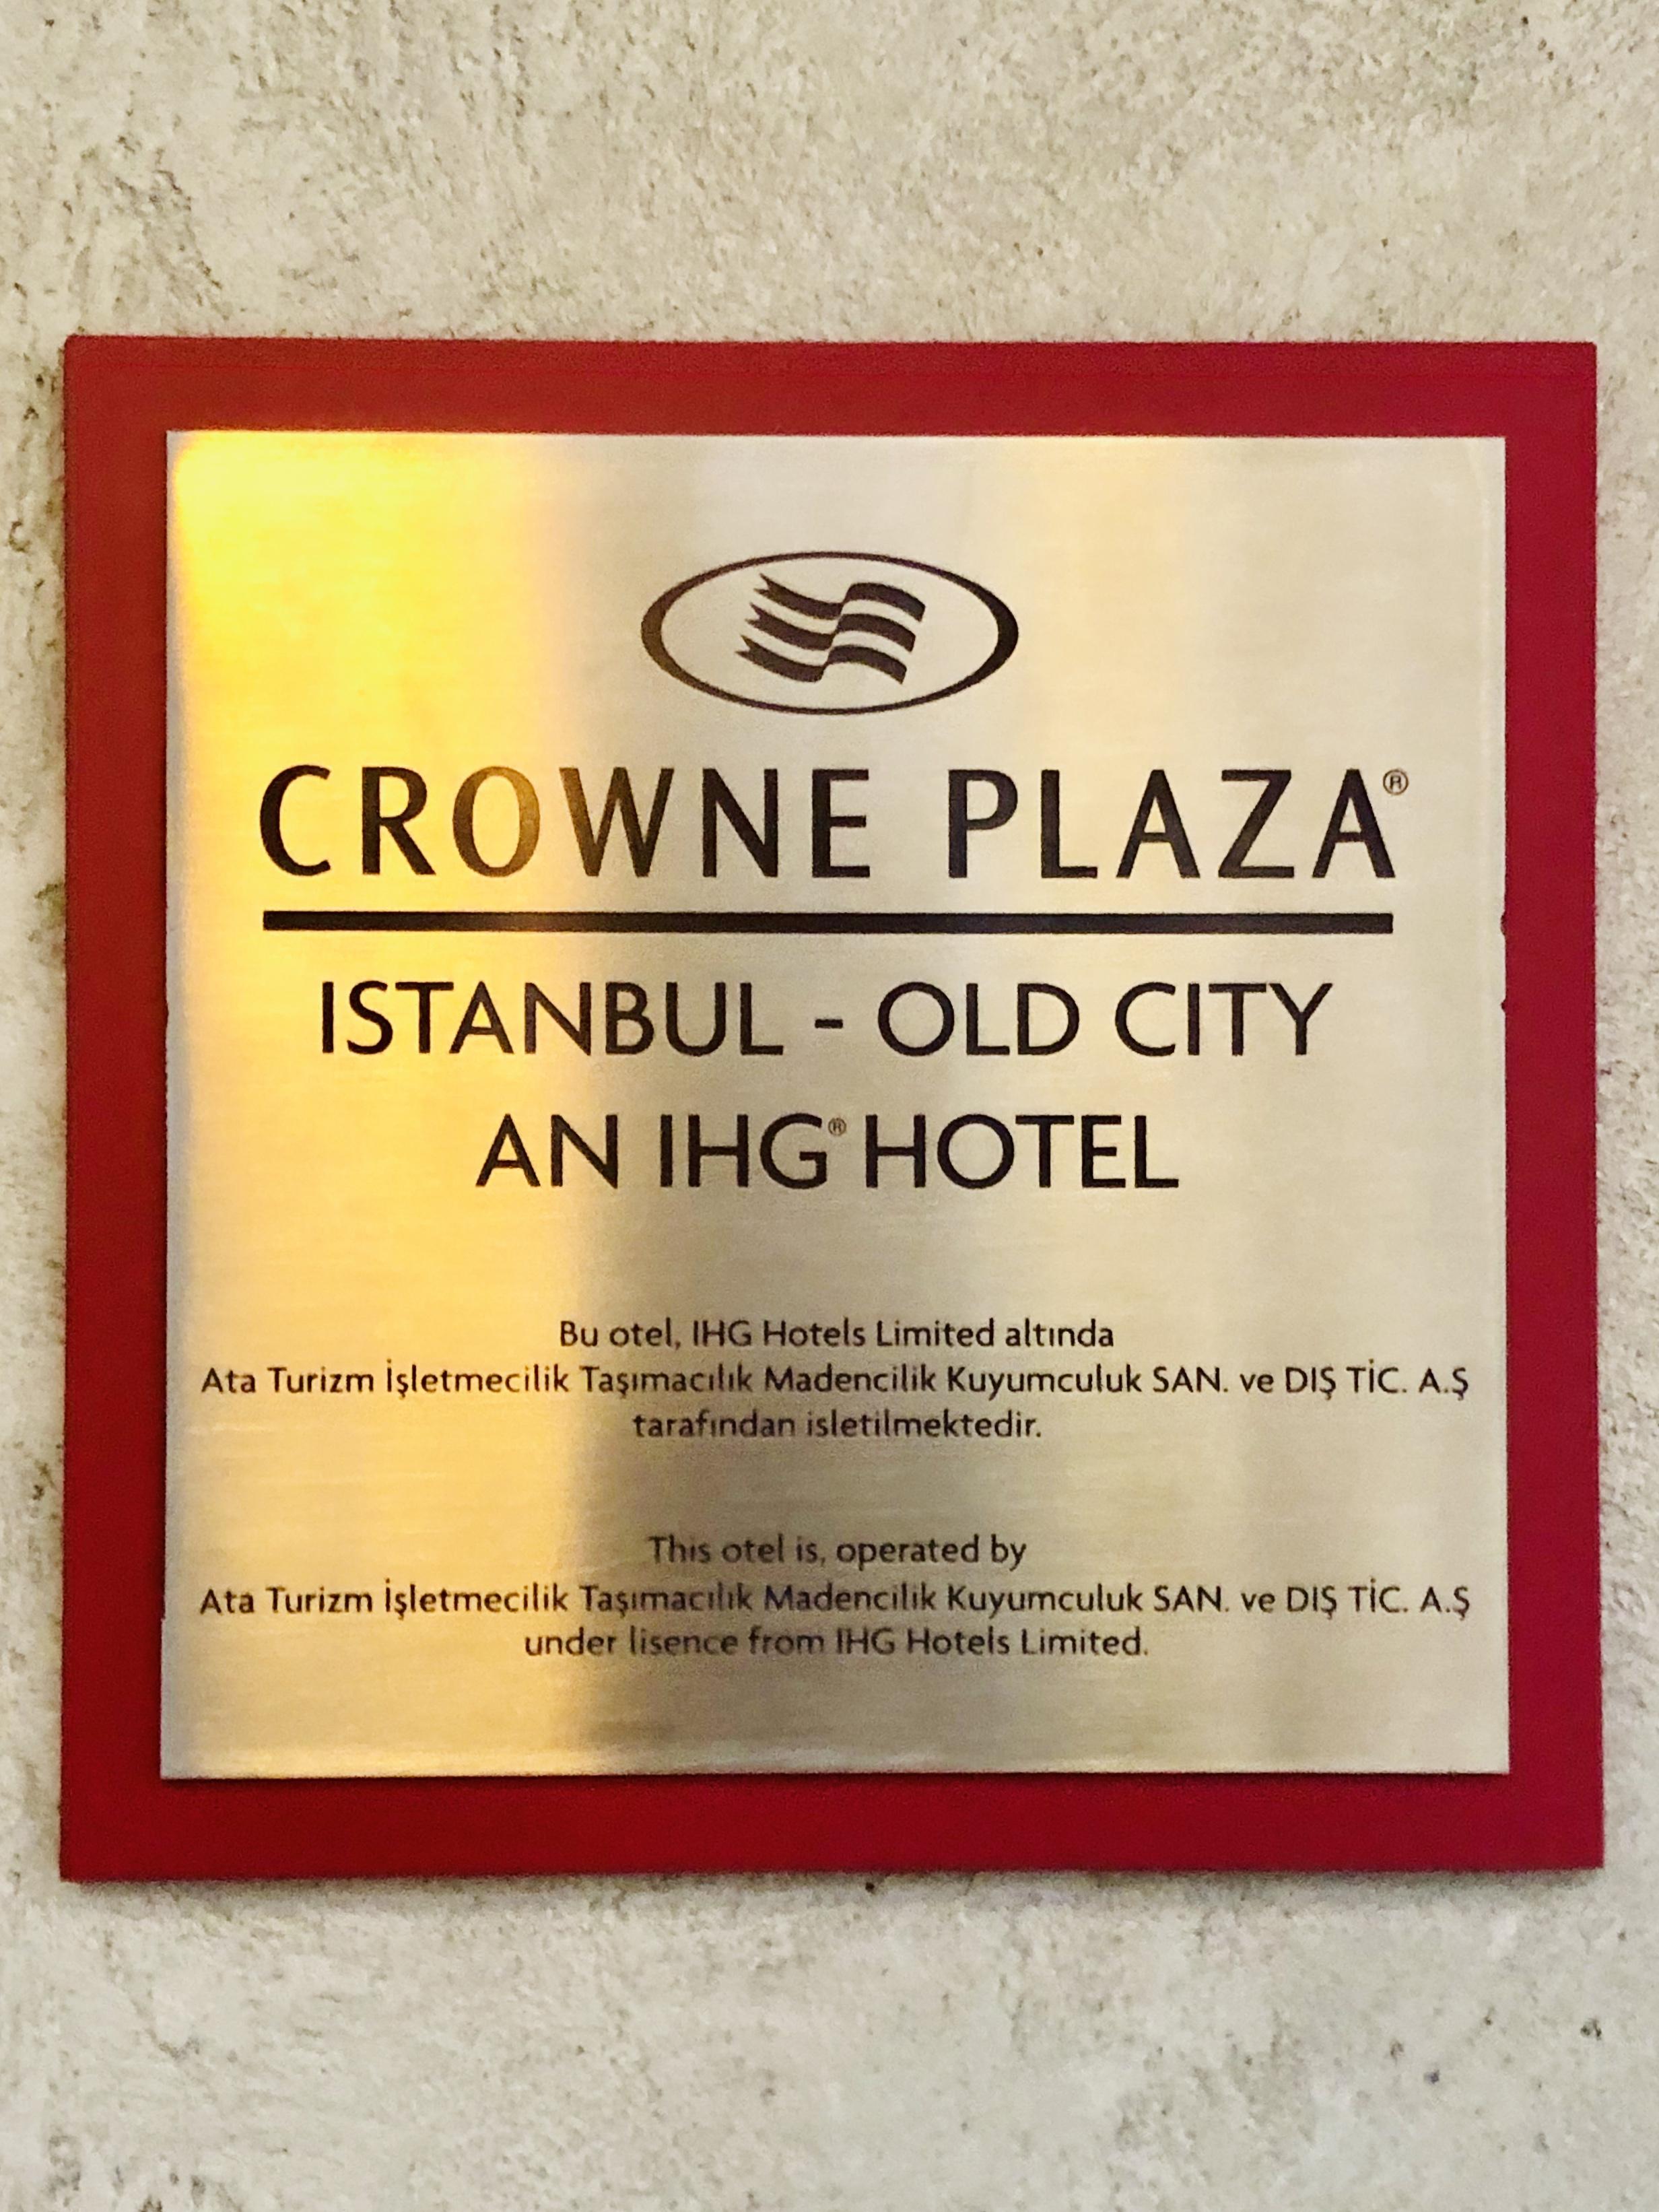 Crowne Plaza Istanbul - Old City hotel iç yönlendirmeleri